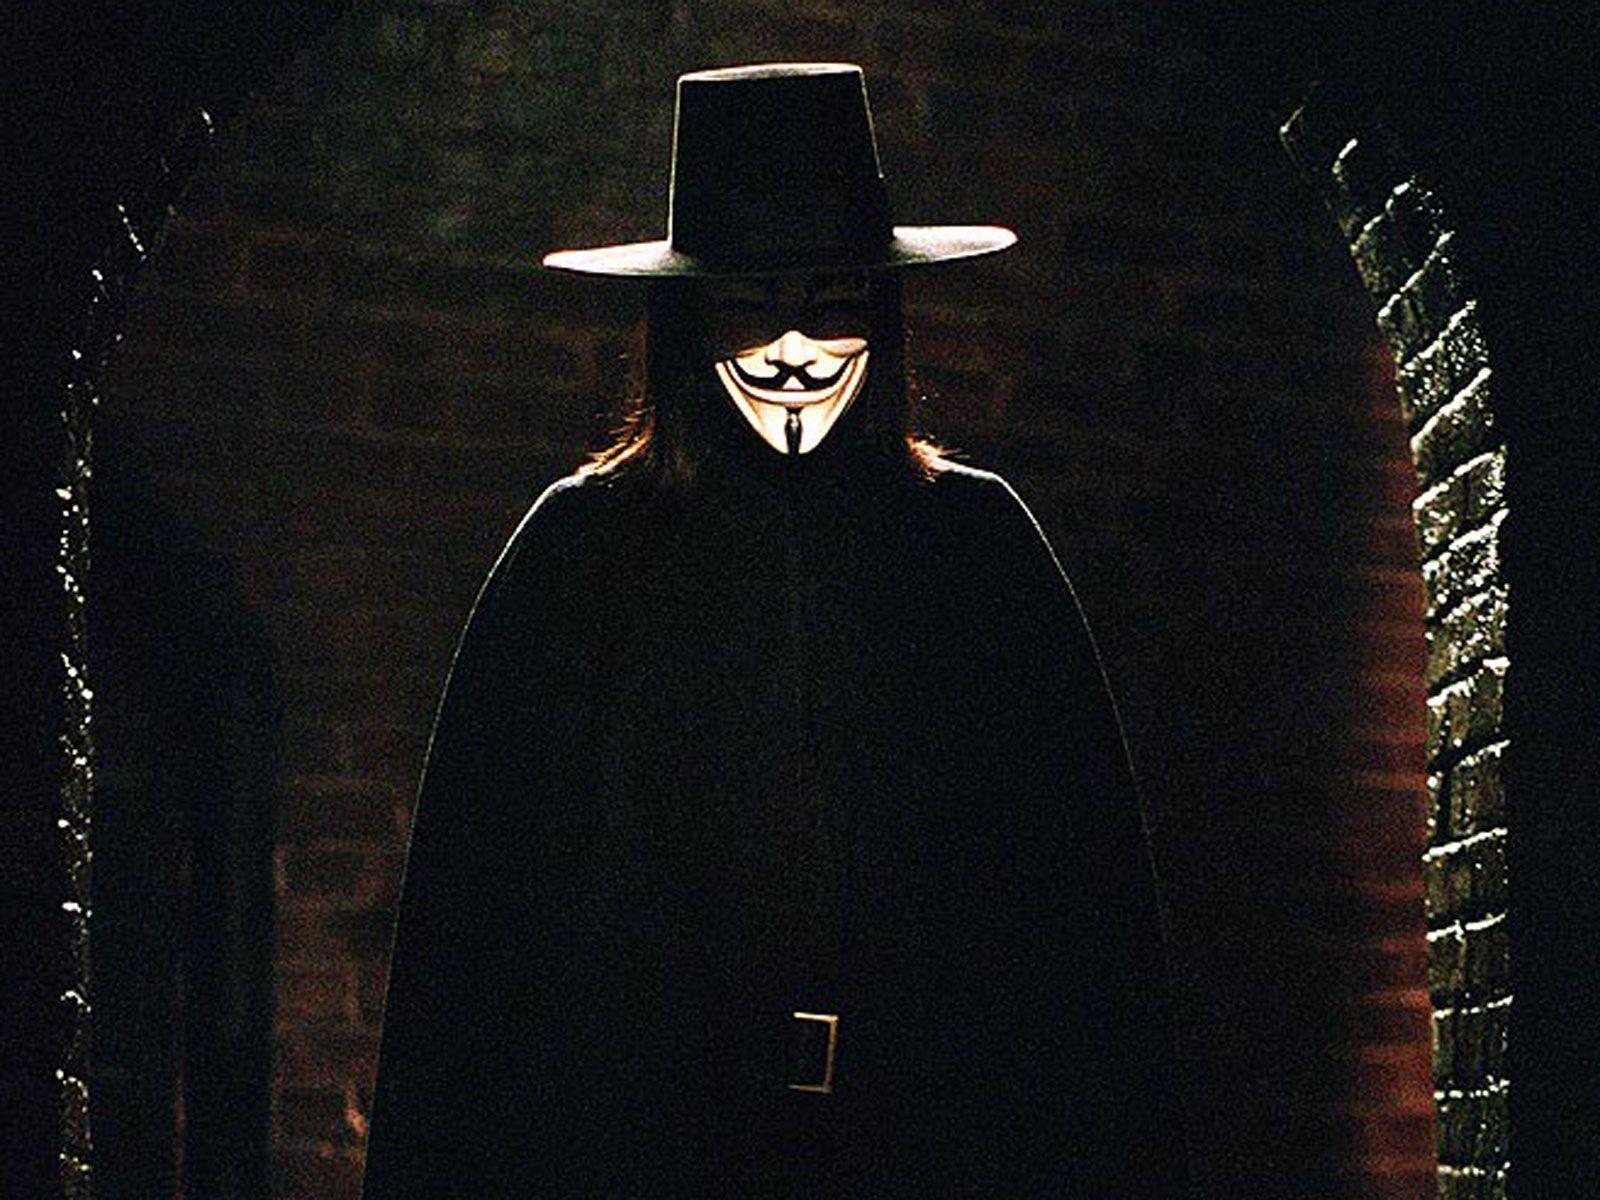 V For Vendetta Wallpapers Top Free V For Vendetta Backgrounds